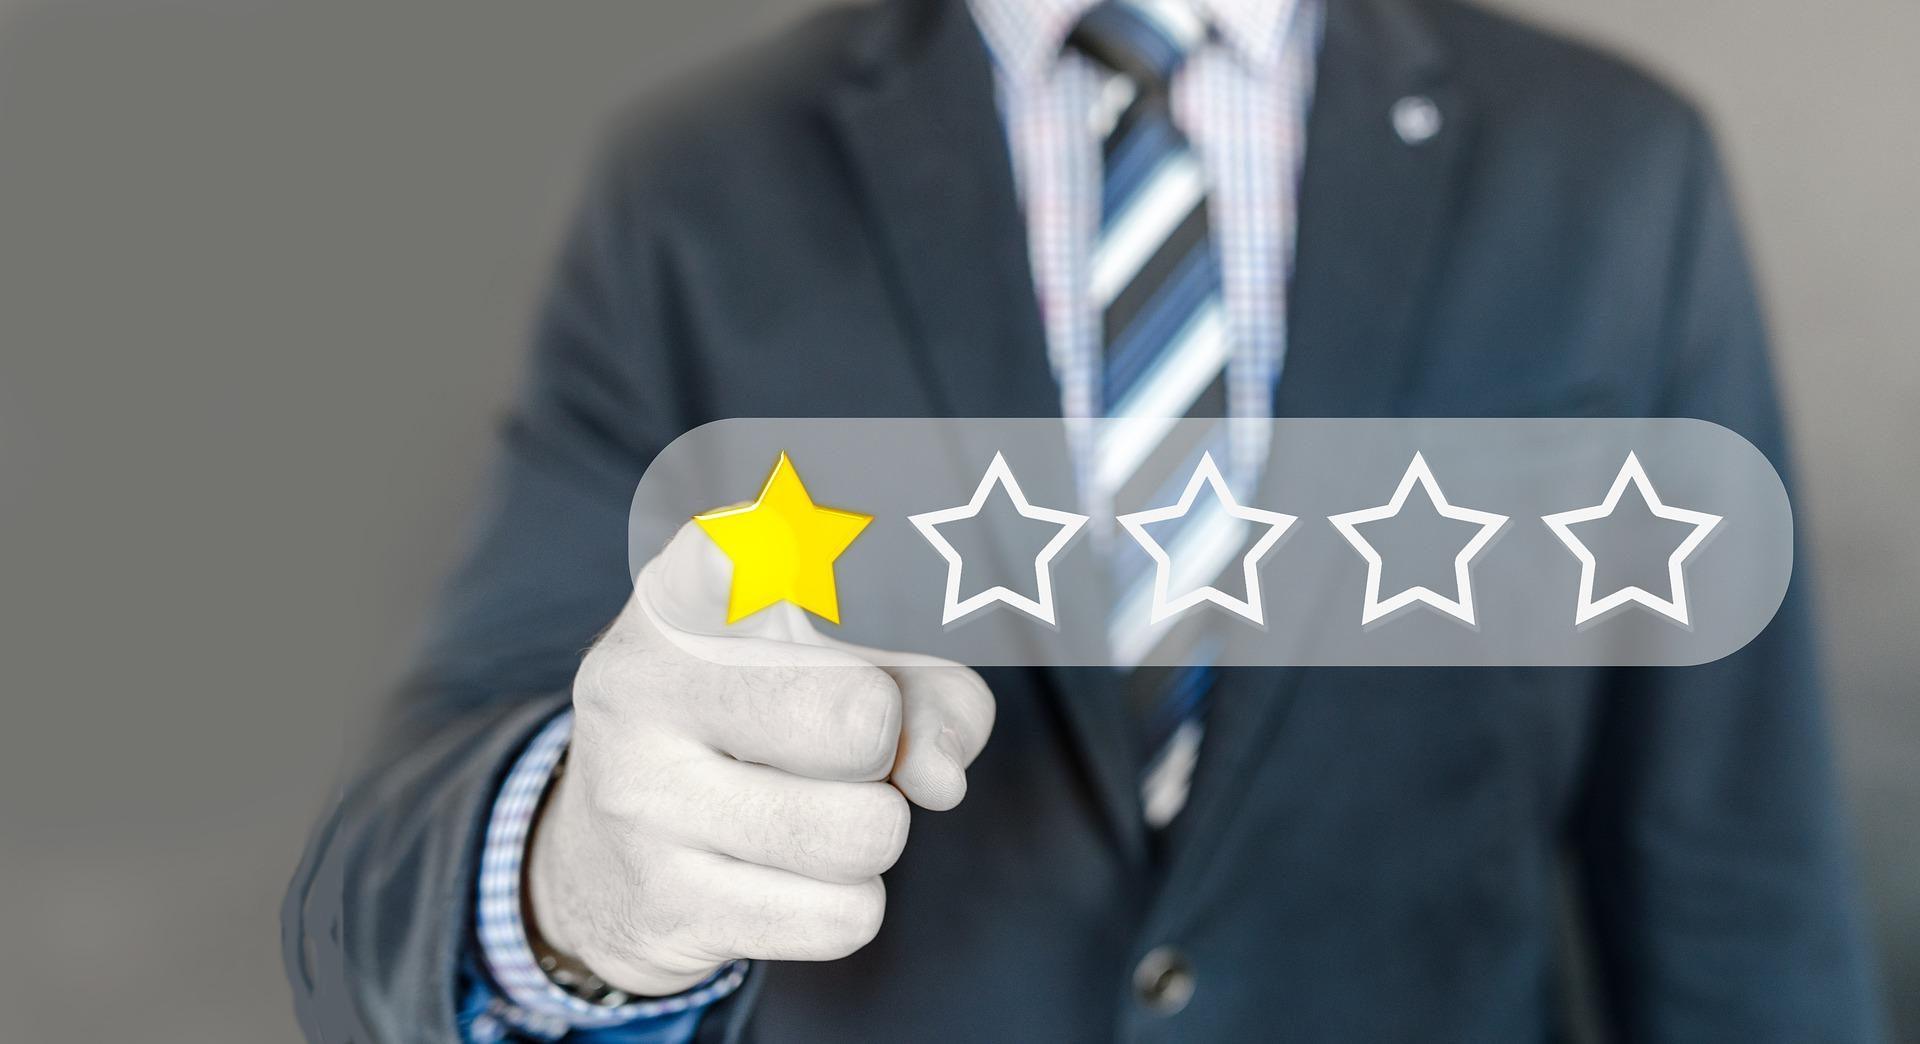 DSB - Eine juristische Person kann keine Löschung einer Bewertung auf einer Internetplattform nach der DSGVO begehren